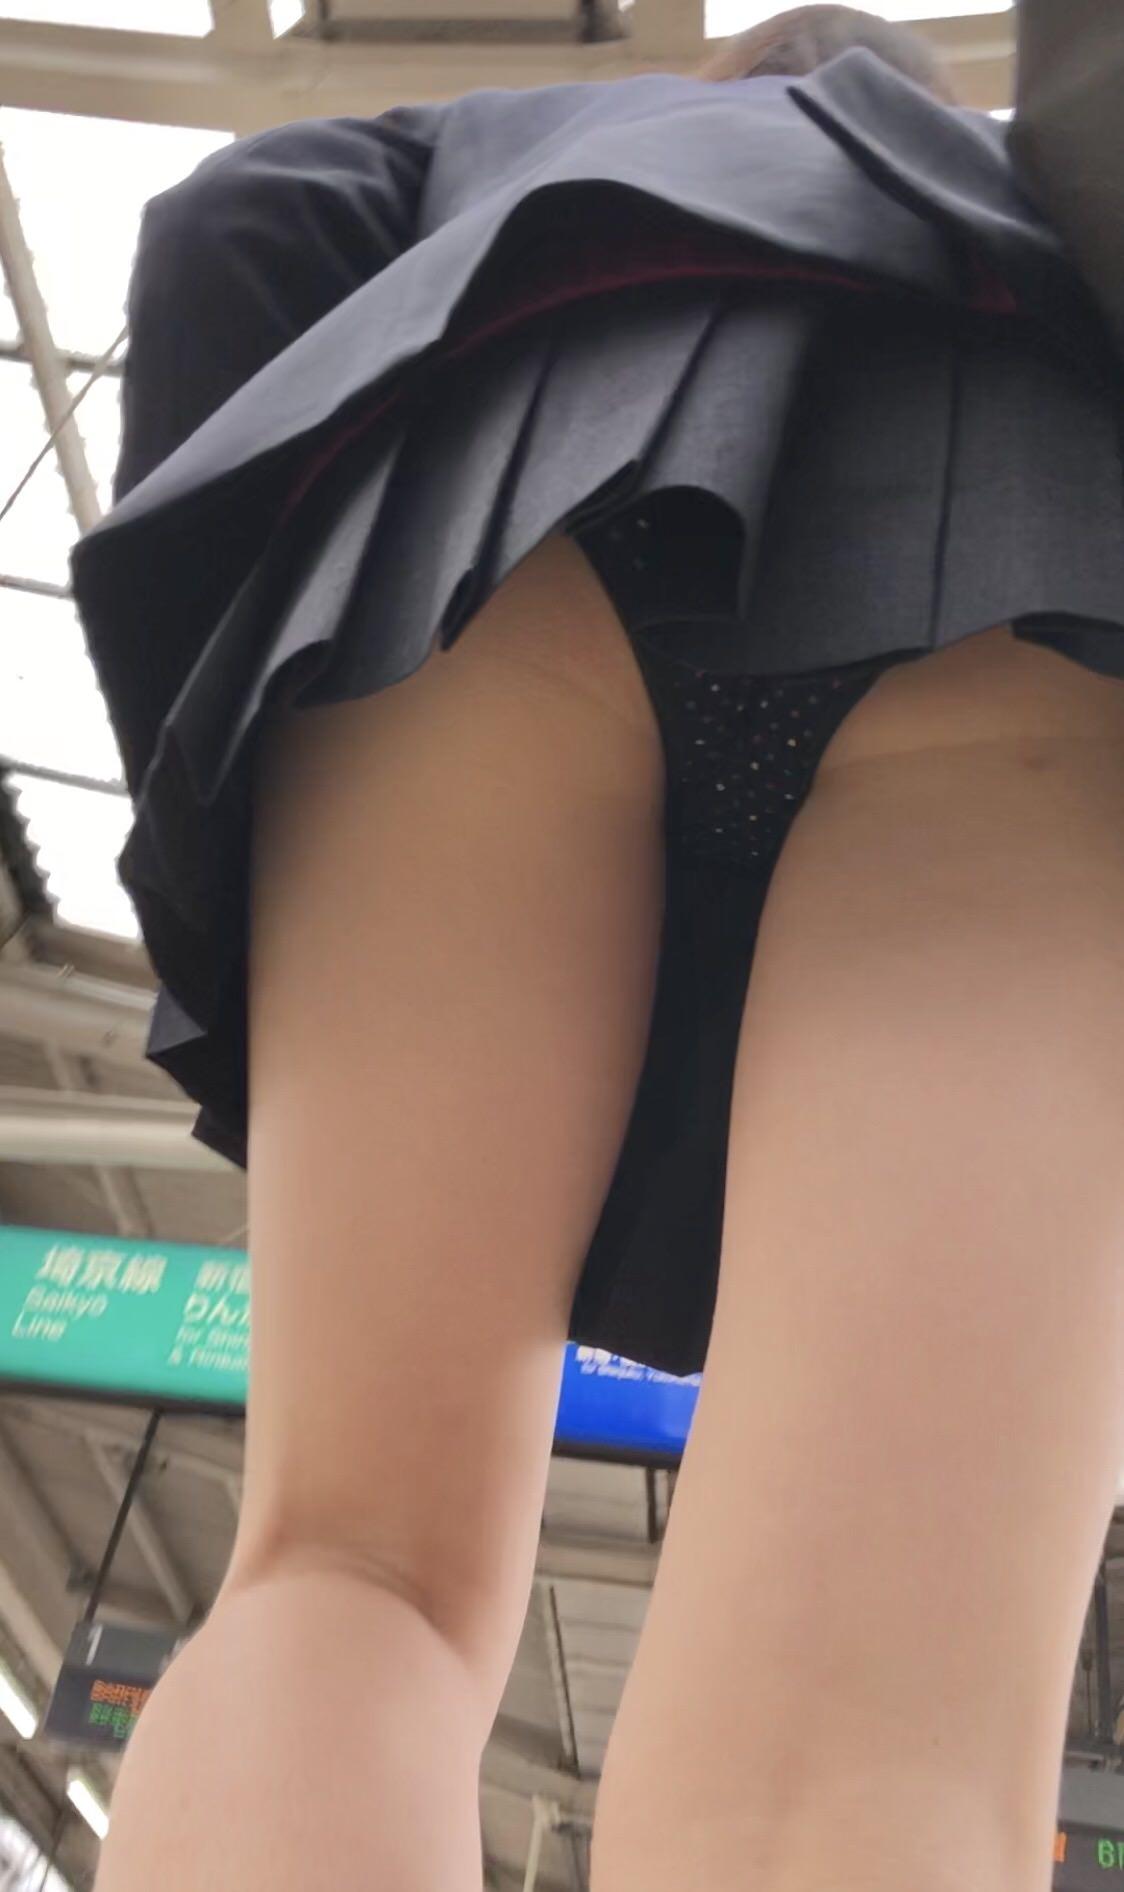 女子高生の太ももラブ♡♡♡♡♡♡♡♡♡♡♡♡♡♡♡♡♡♡♡♡ 66aS0Wk